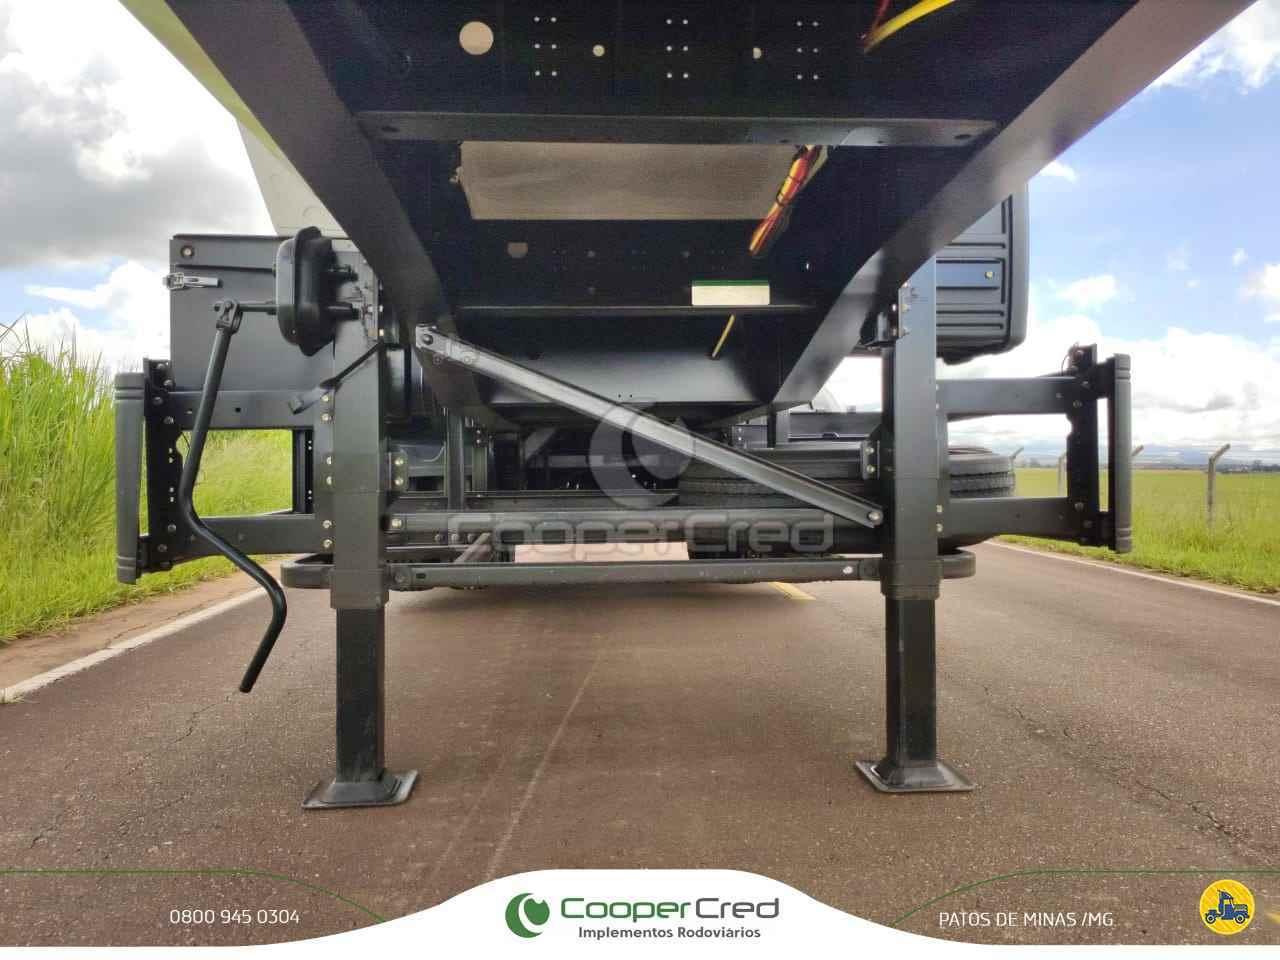 RODOTREM BASCULANTE  2021/2021 Cooper Cred Implementos Rodoviários MG